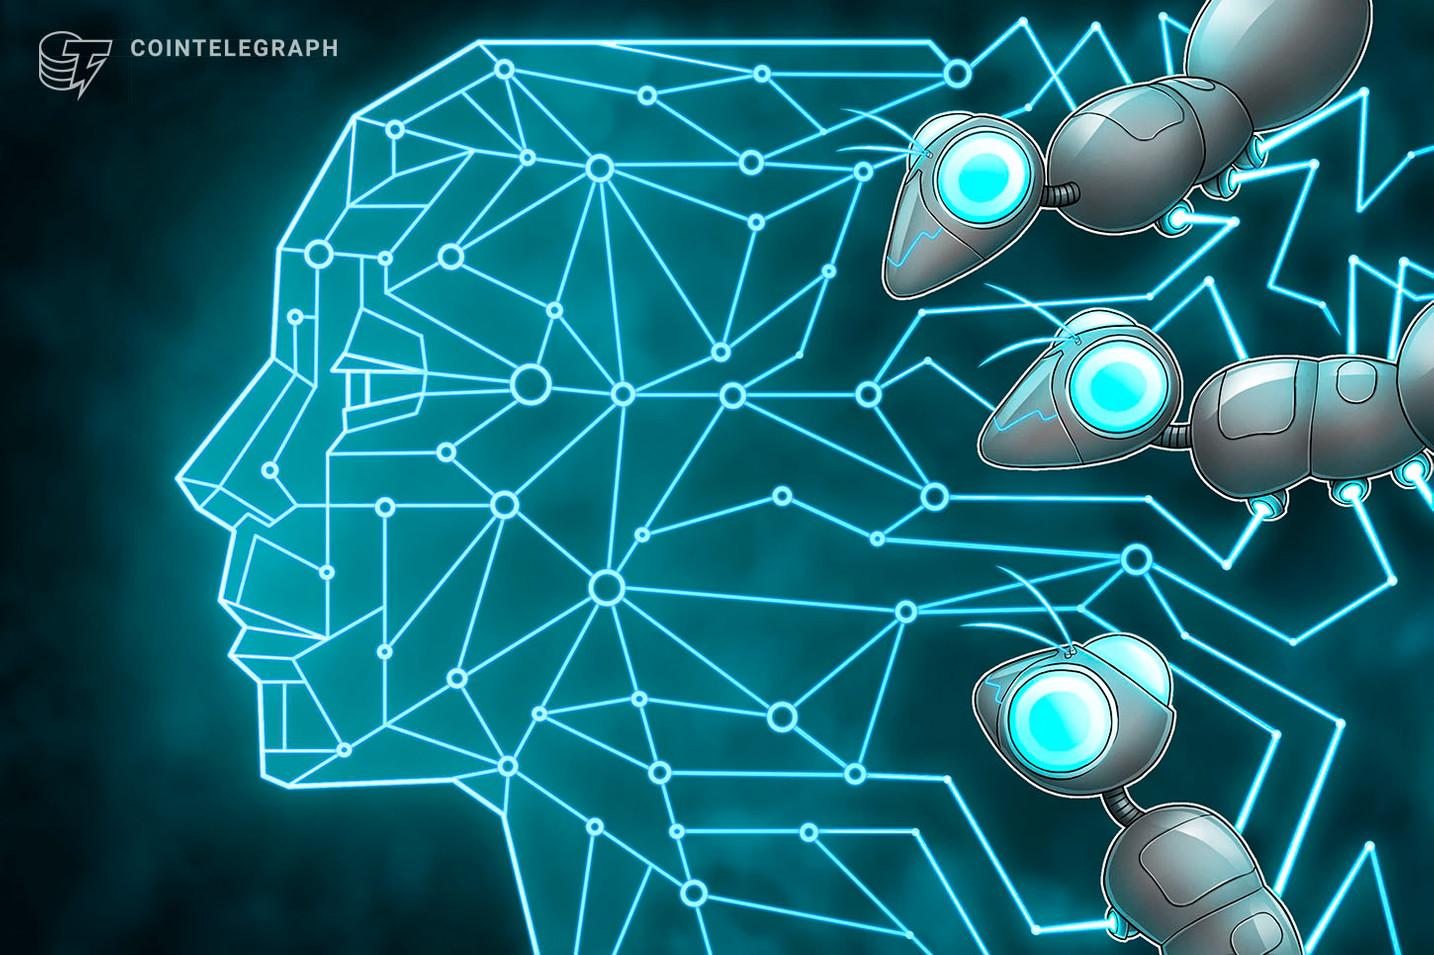 Yeni PwC ve CV VC Raporu Sanatta Blockchain'e Işık Tutuyor